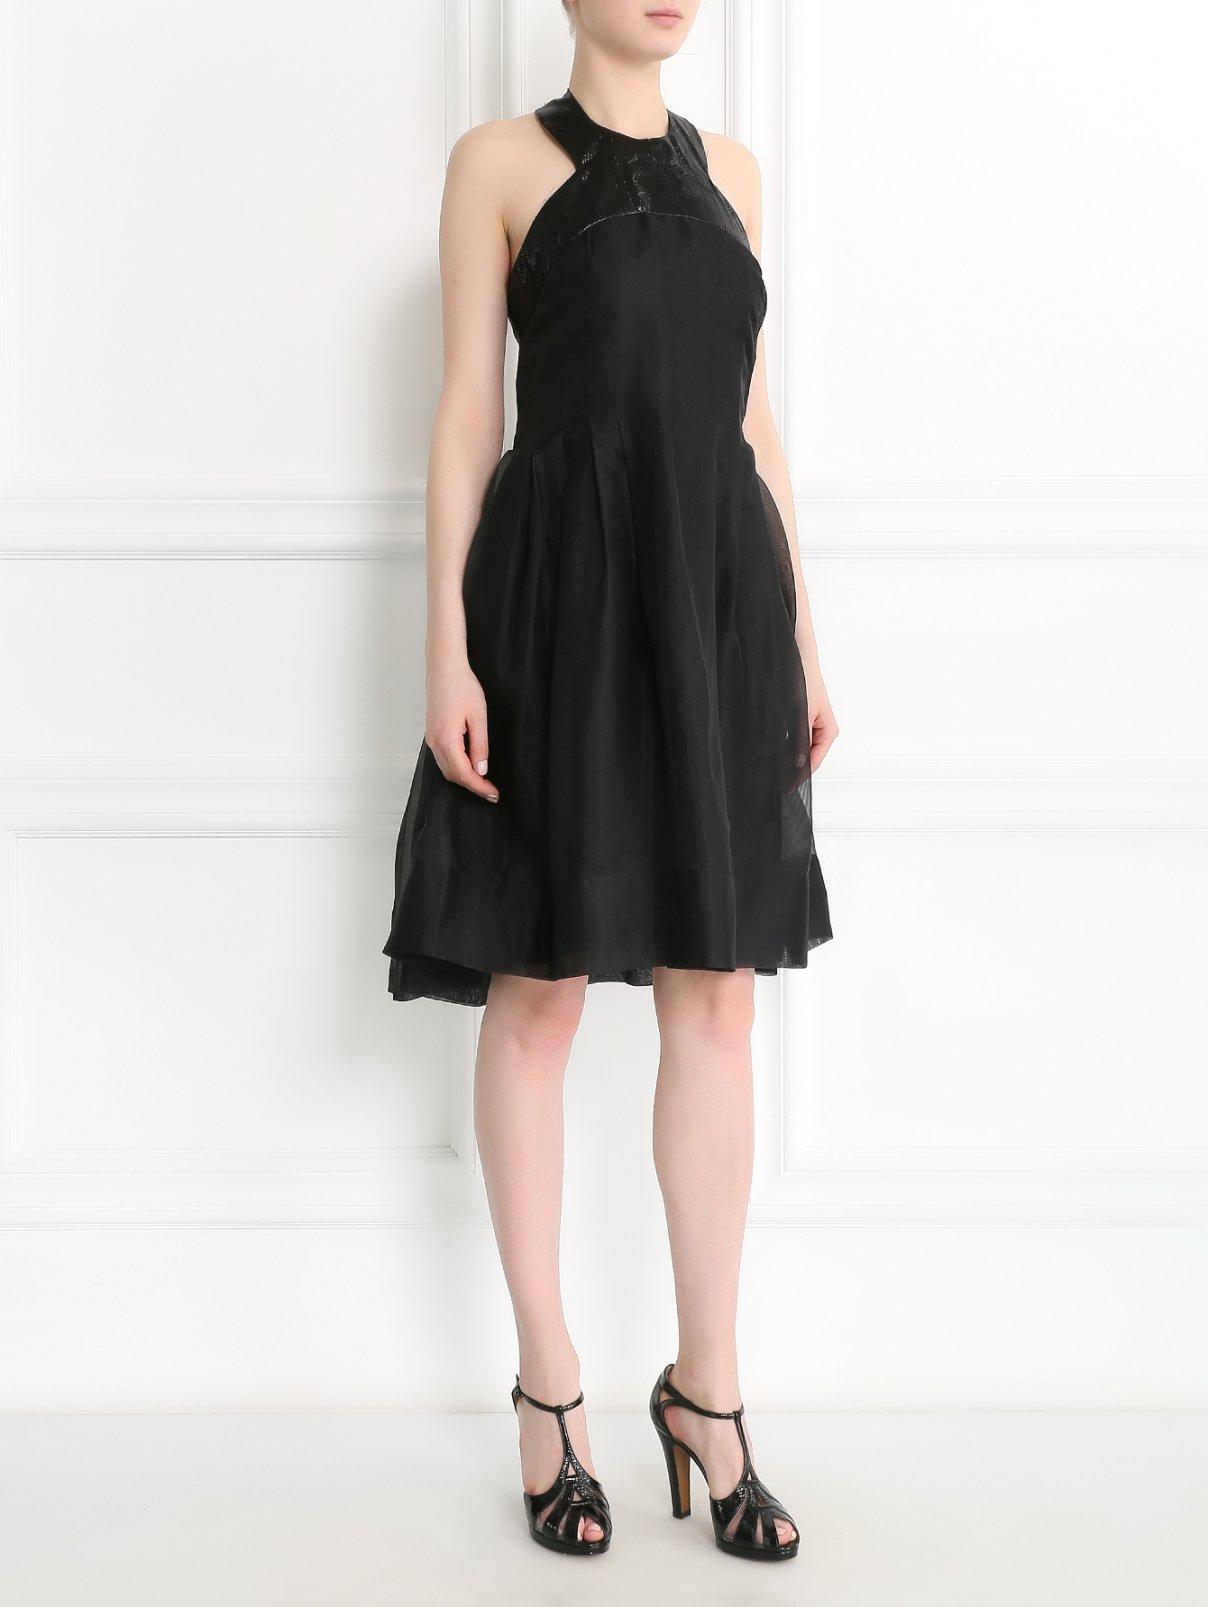 Платье из шелка Rue du Mail  –  Модель Общий вид  – Цвет:  Черный